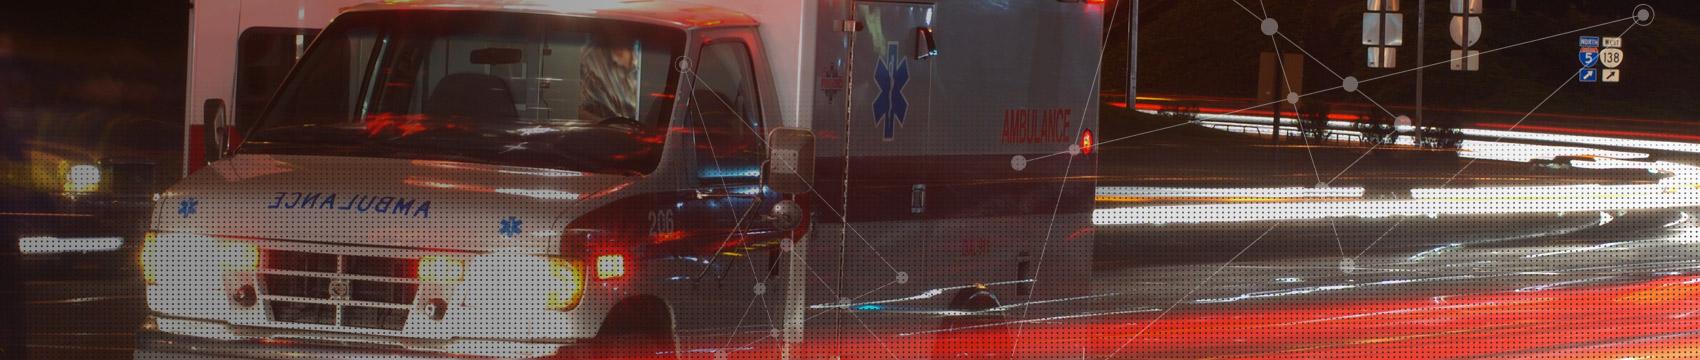 first responder fleet safety